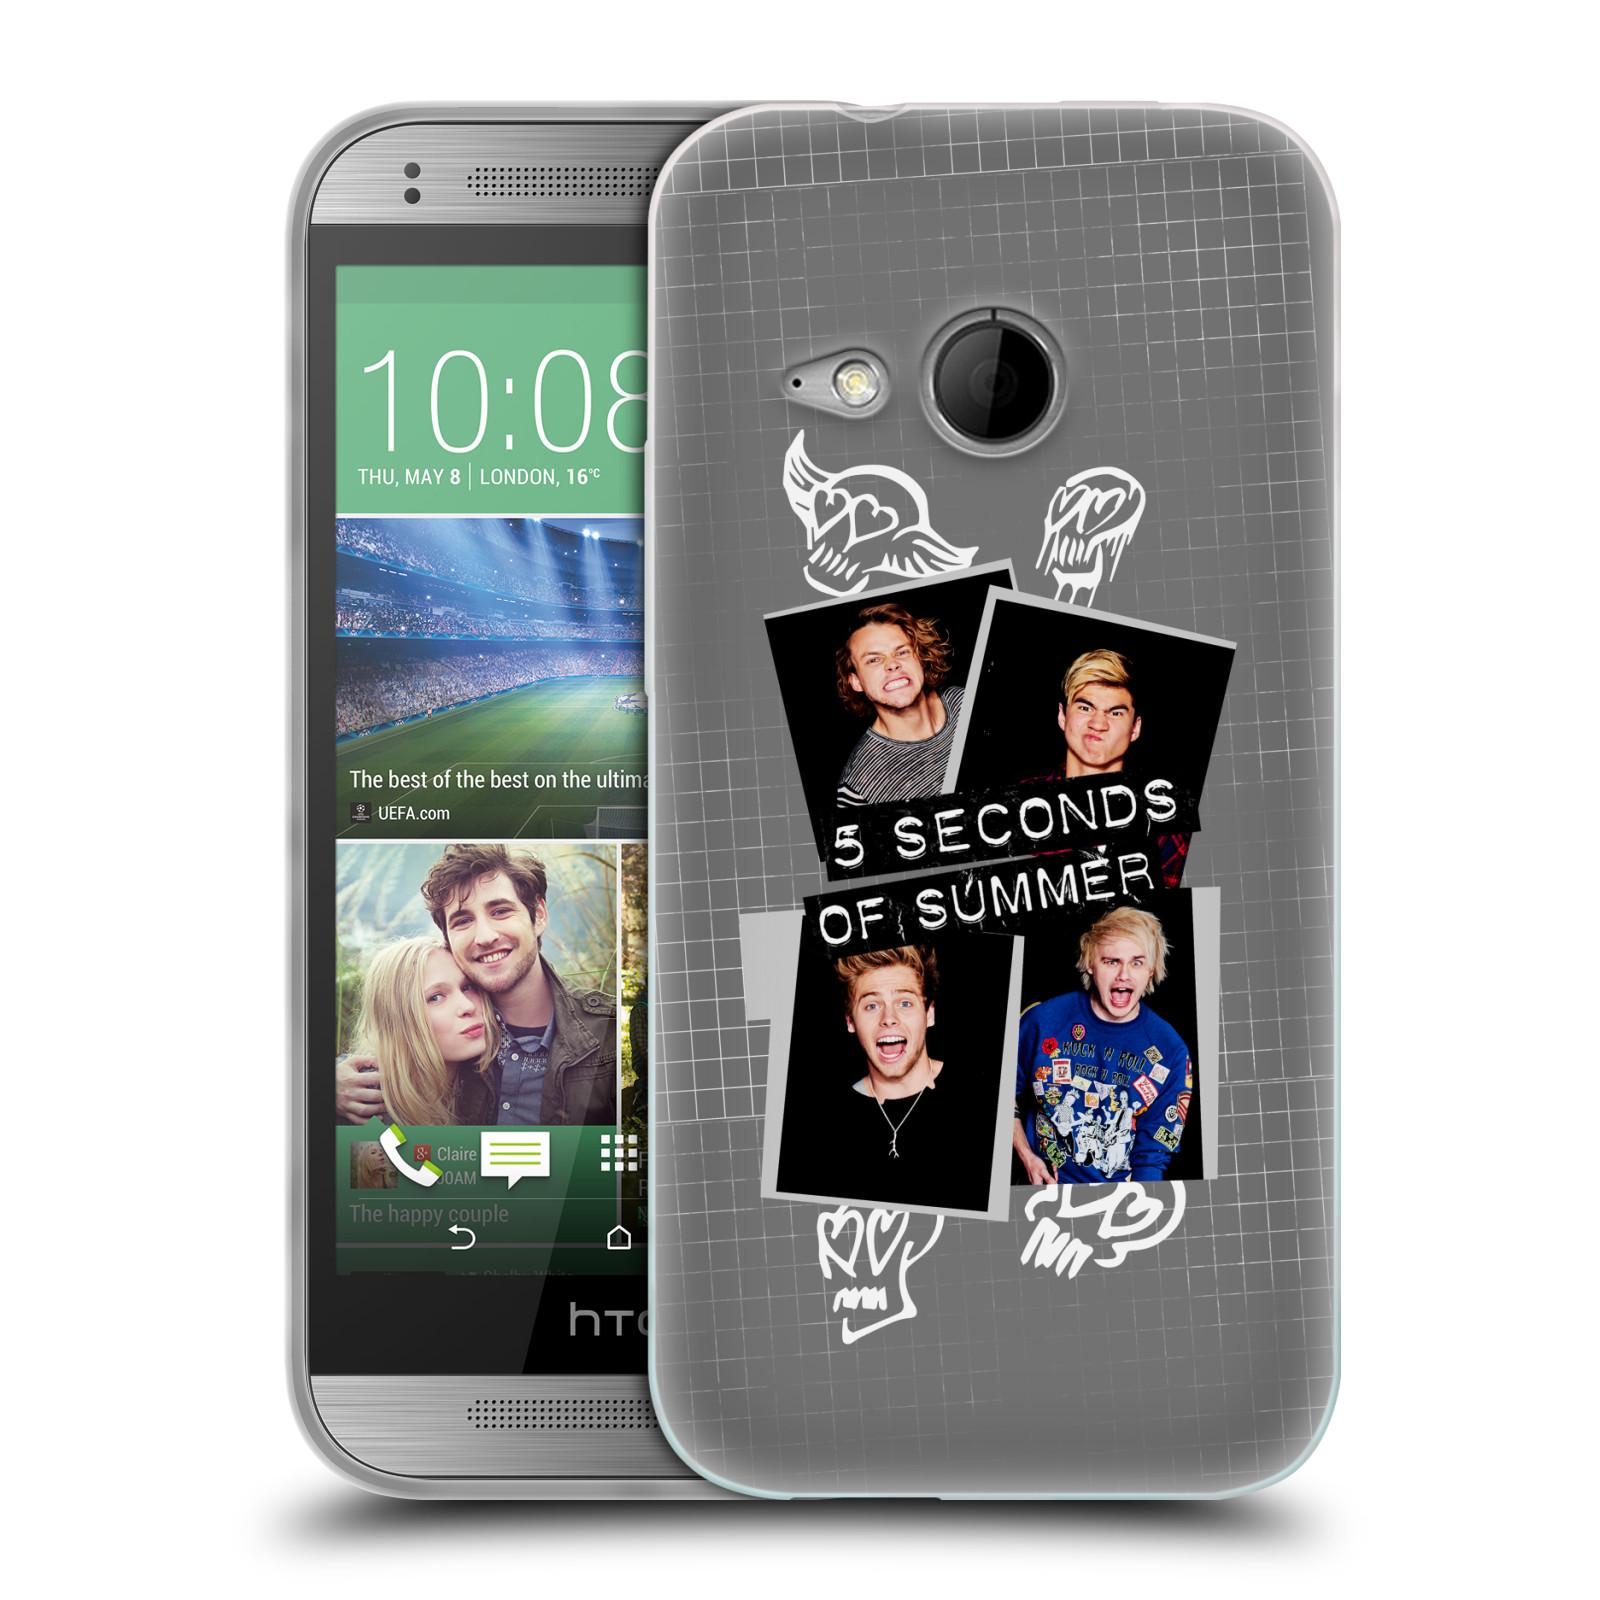 Silikonové pouzdro na mobil HTC ONE Mini 2 HEAD CASE 5 Seconds of Summer - Band Grey (Silikonový kryt či obal na mobilní telefon licencovaným motivem 5 Seconds of Summer pro HTC ONE Mini 2)